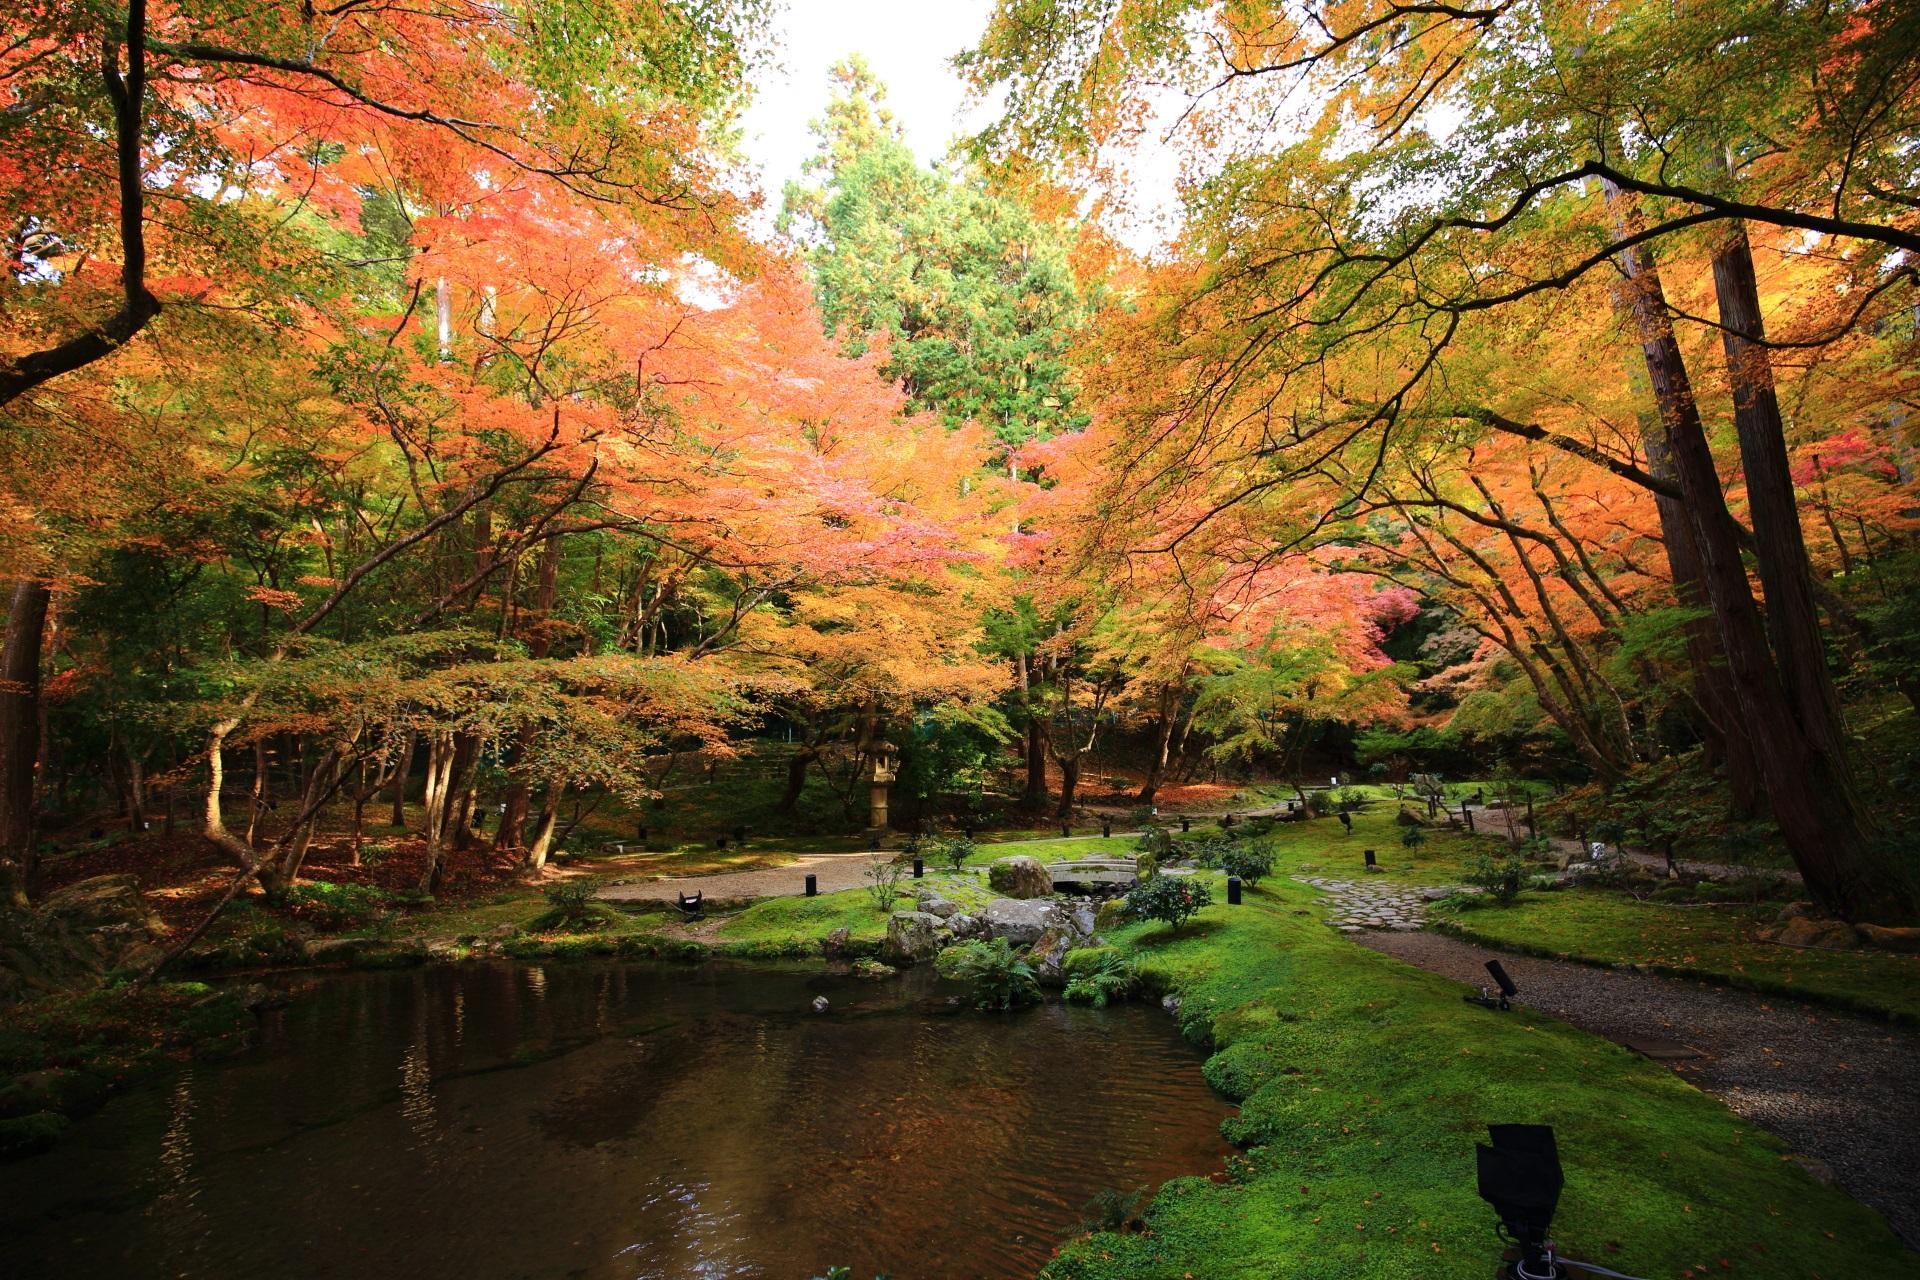 醍醐寺の弁天堂裏の庭園の優しい感じの色合いの紅葉